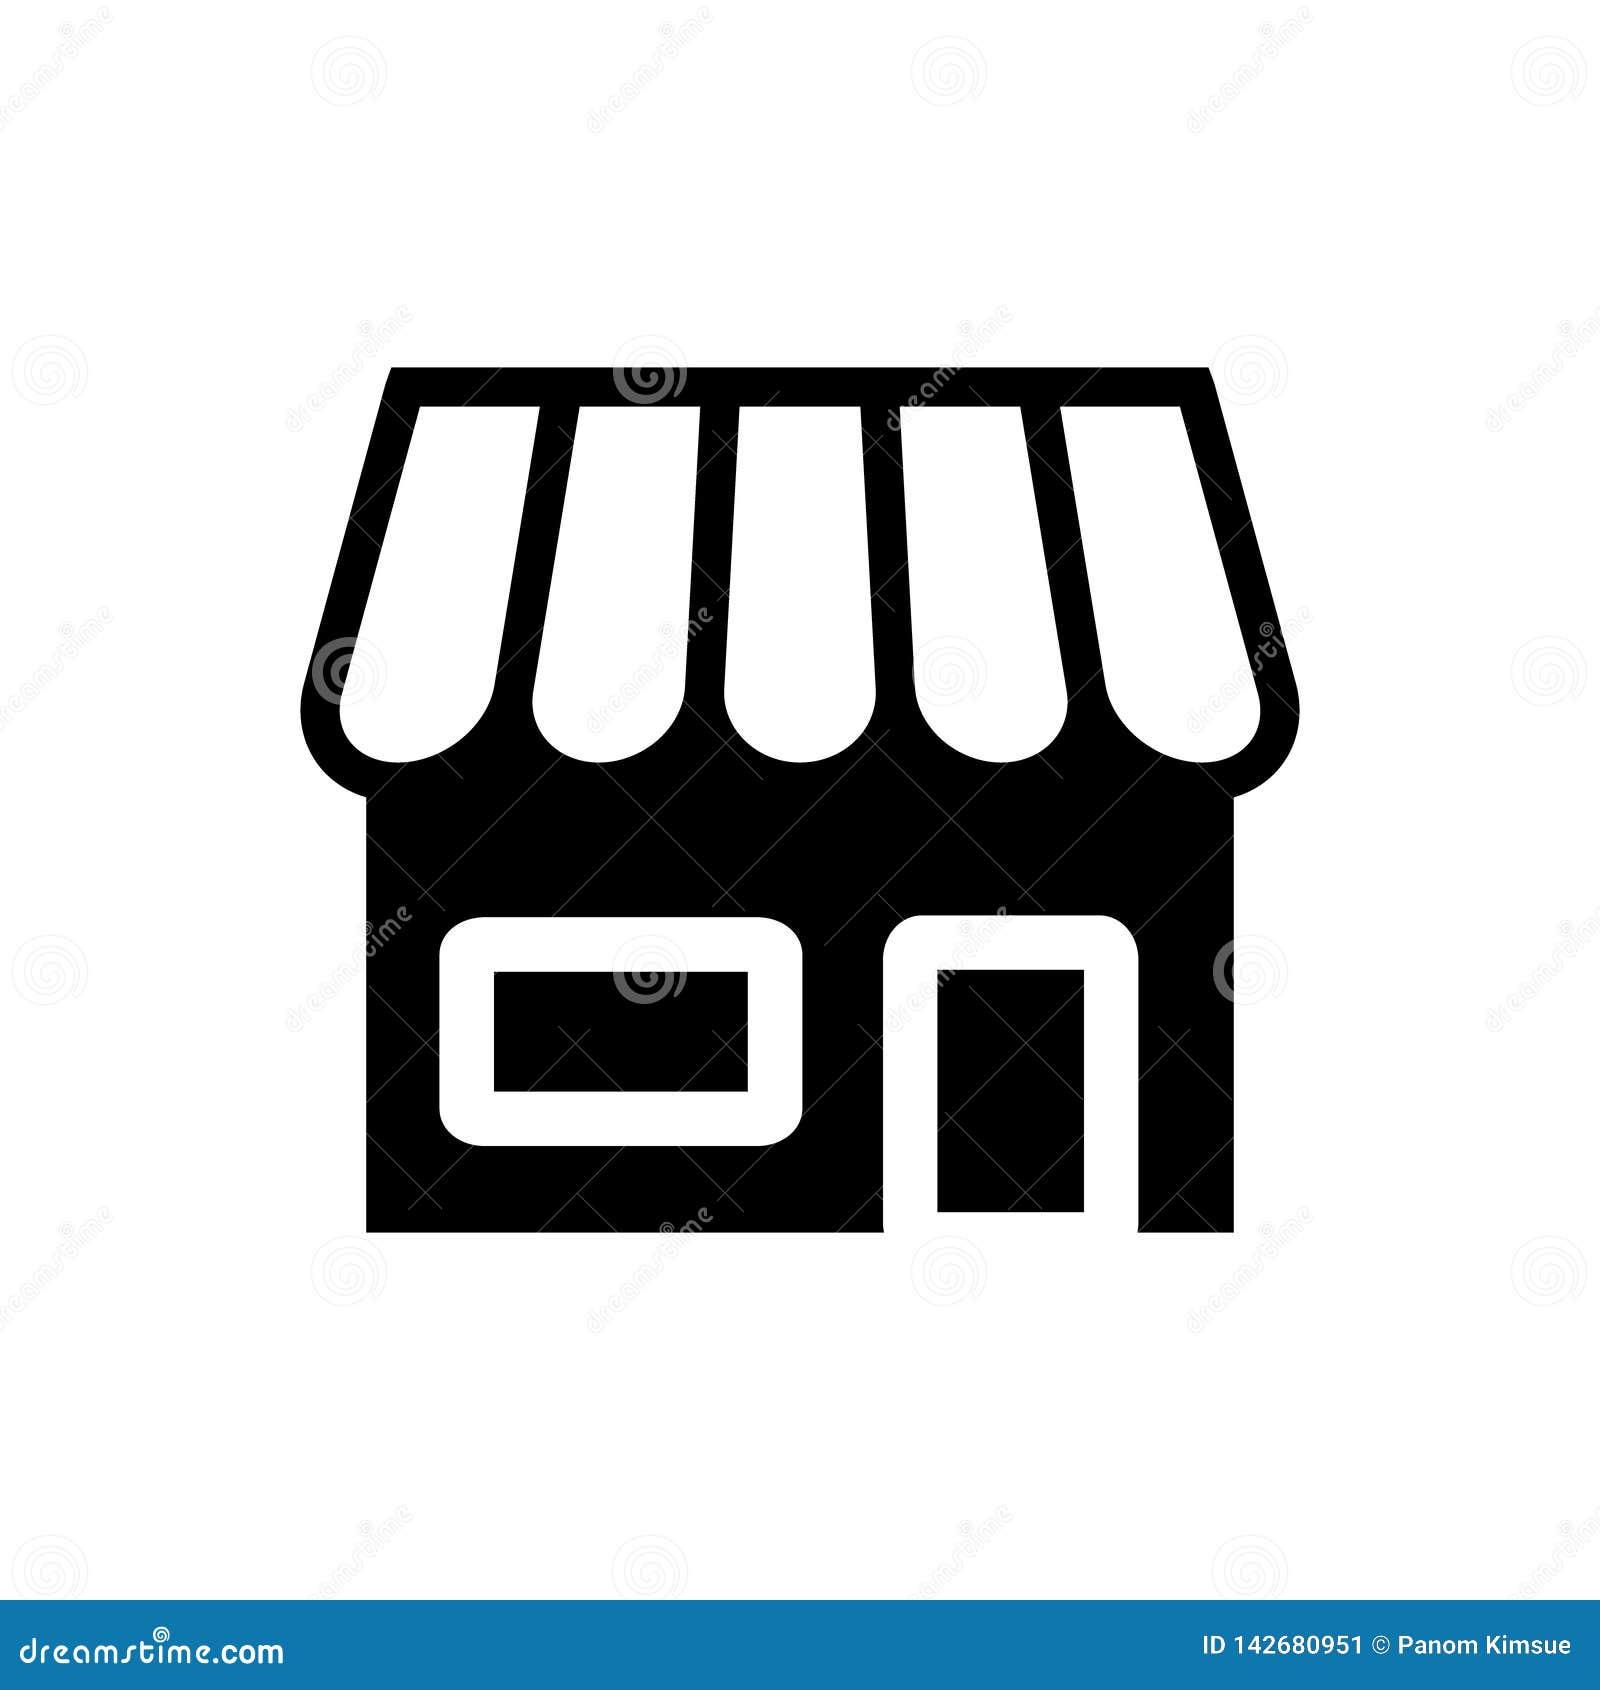 Conceito do retalho do símbolo da loja do ícone do vetor da mercearia para o projeto gráfico, logotipo, site, meio social, app